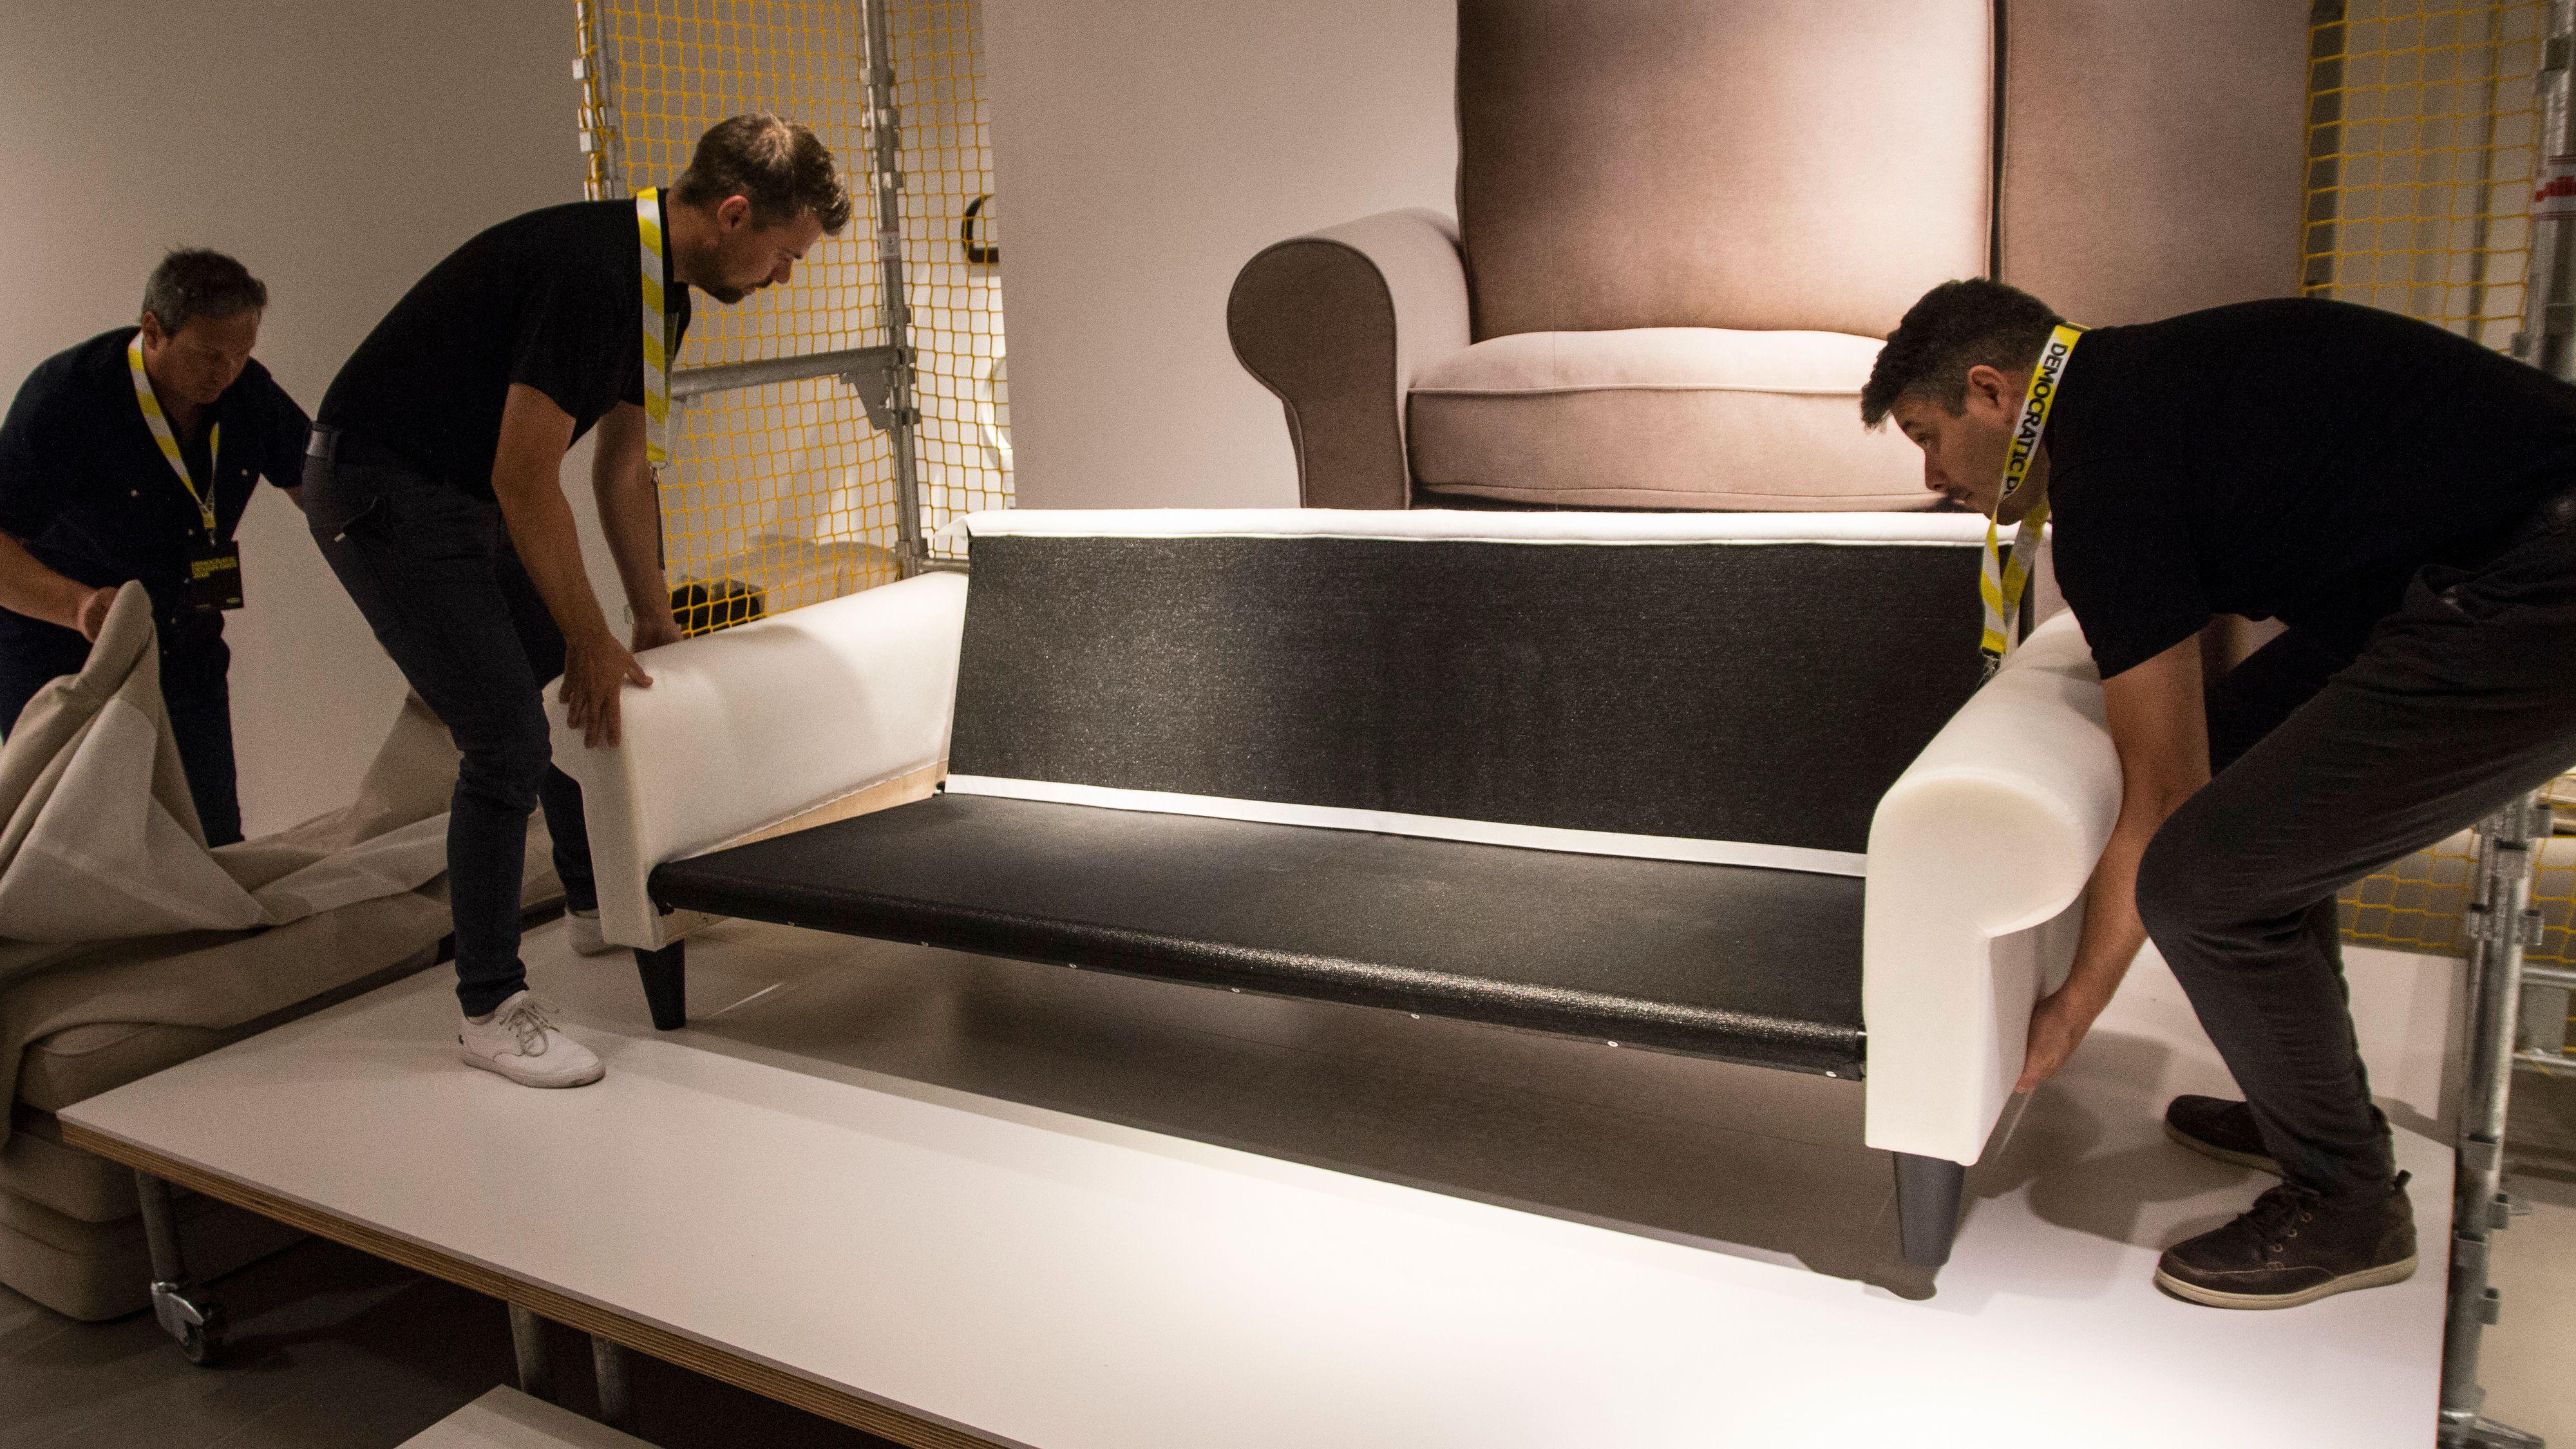 De fleste bør kunne sette sammen sofaen på 15 minutter, ifølge Ikea. Demonstrasjonsgutta på Ikeas designdager brukte to minutter og 15 sekunder.